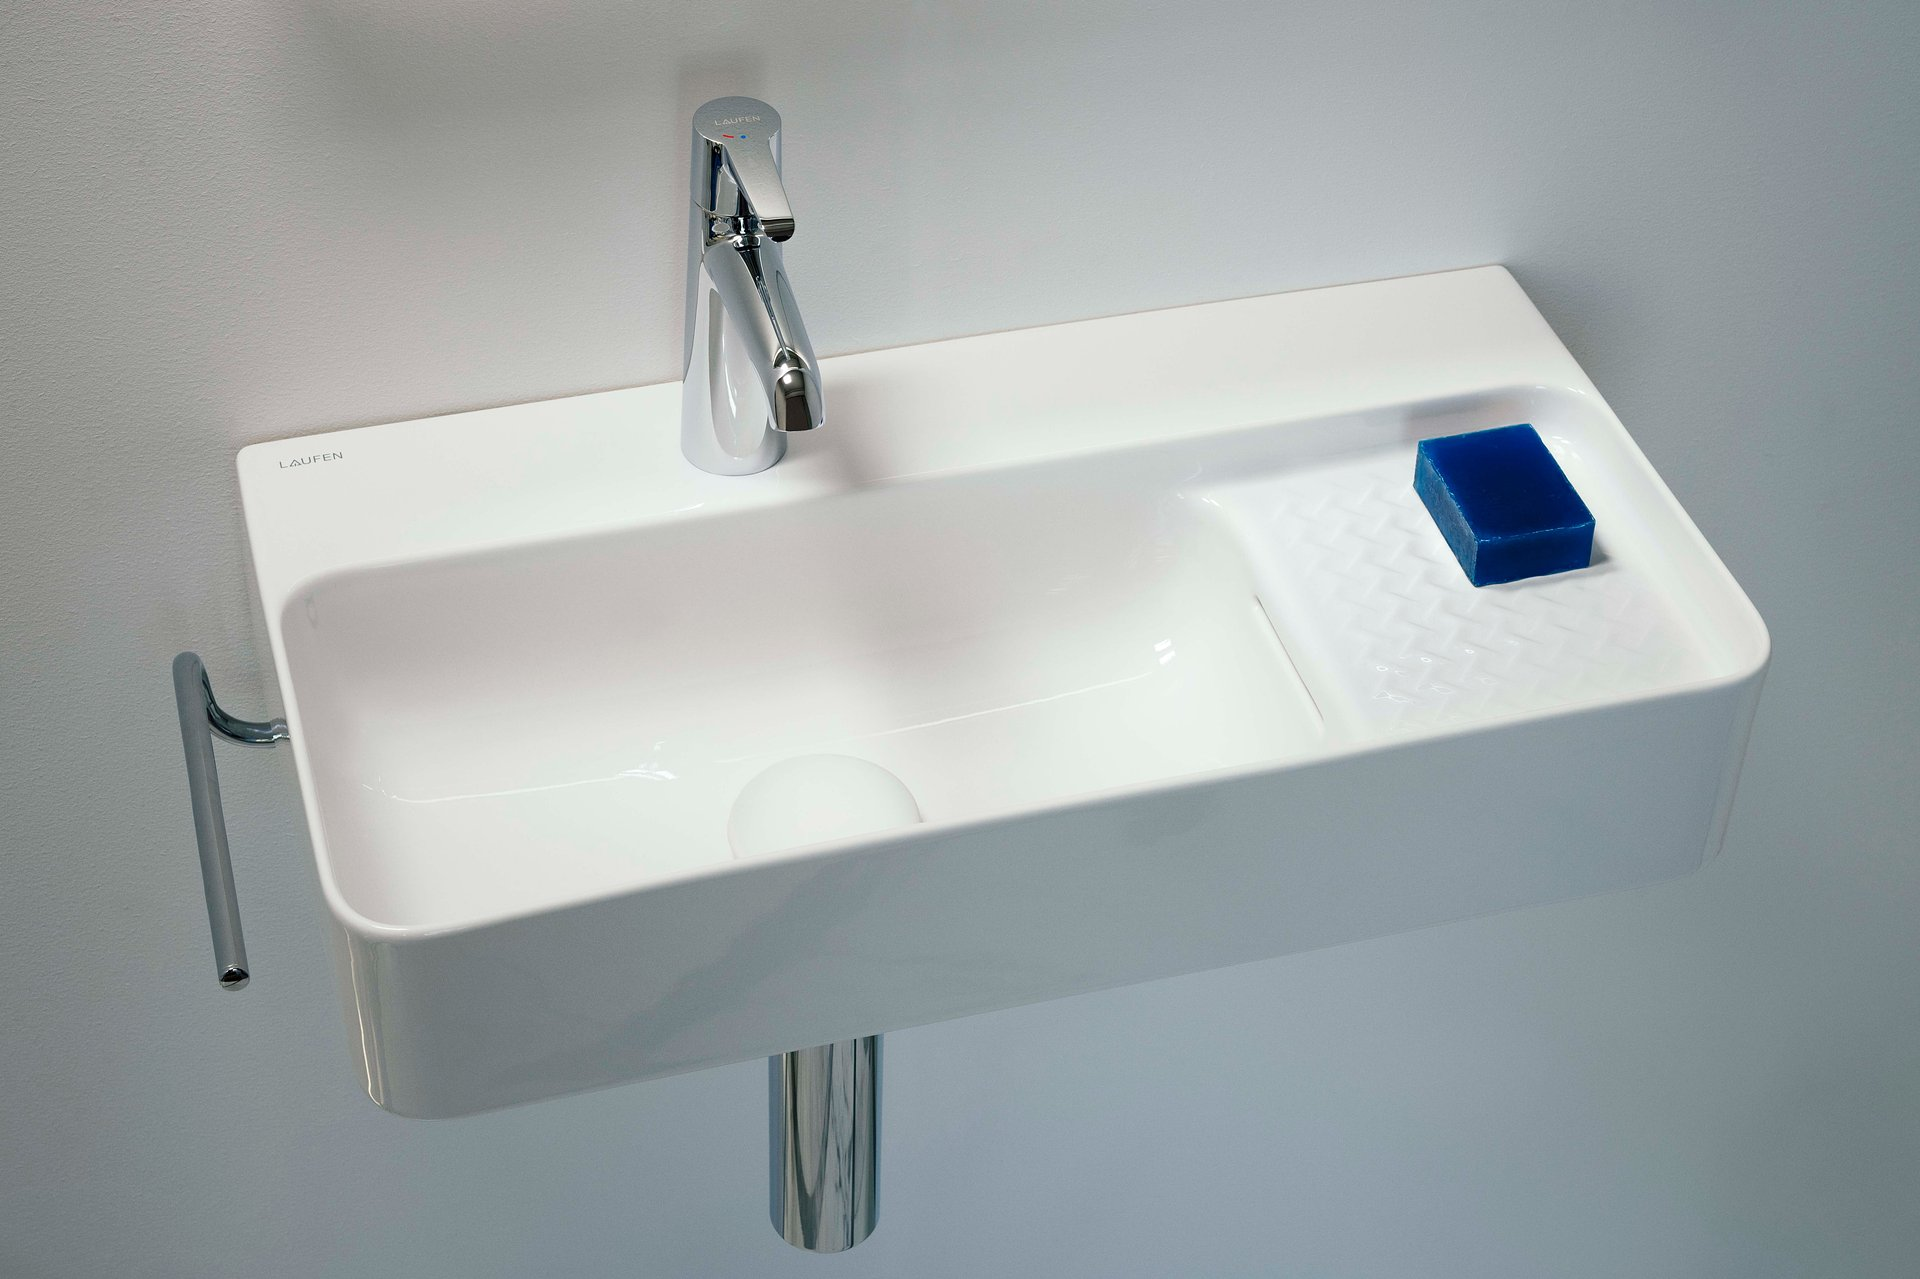 Laufen proponuje idealne rozwiązanie do małej miejskiej łazienki.